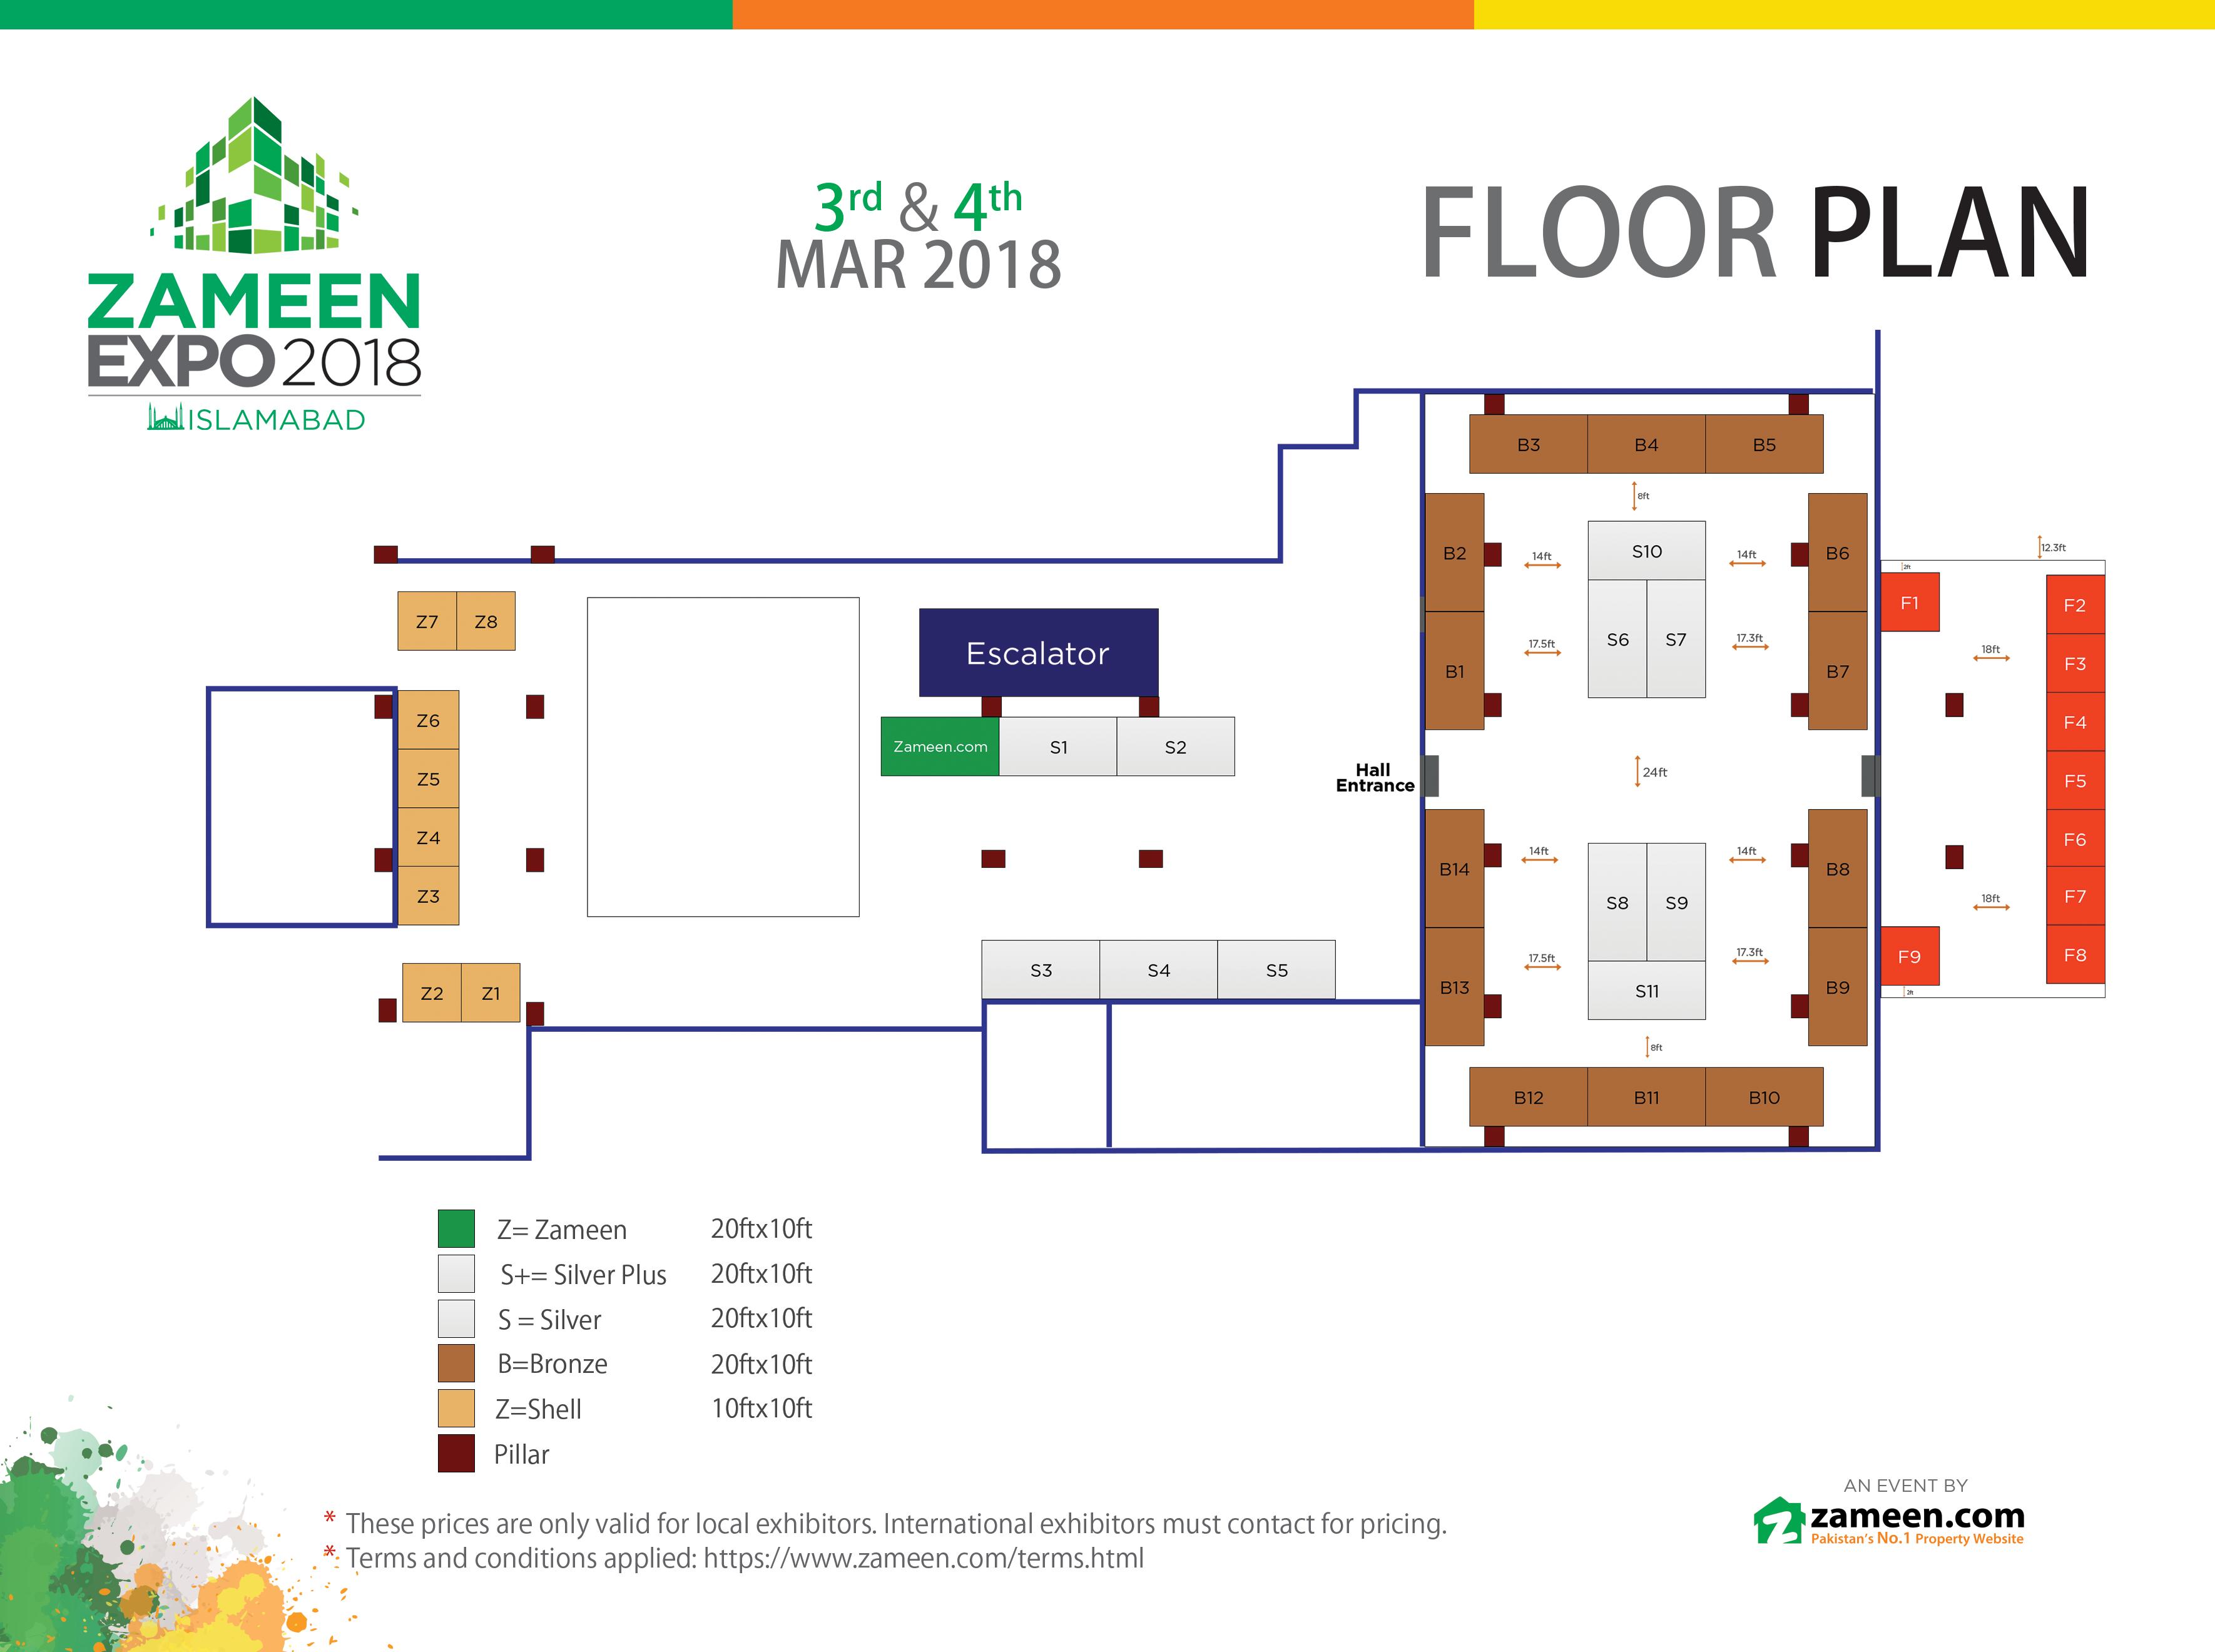 floorplan-lhr-2018-img2